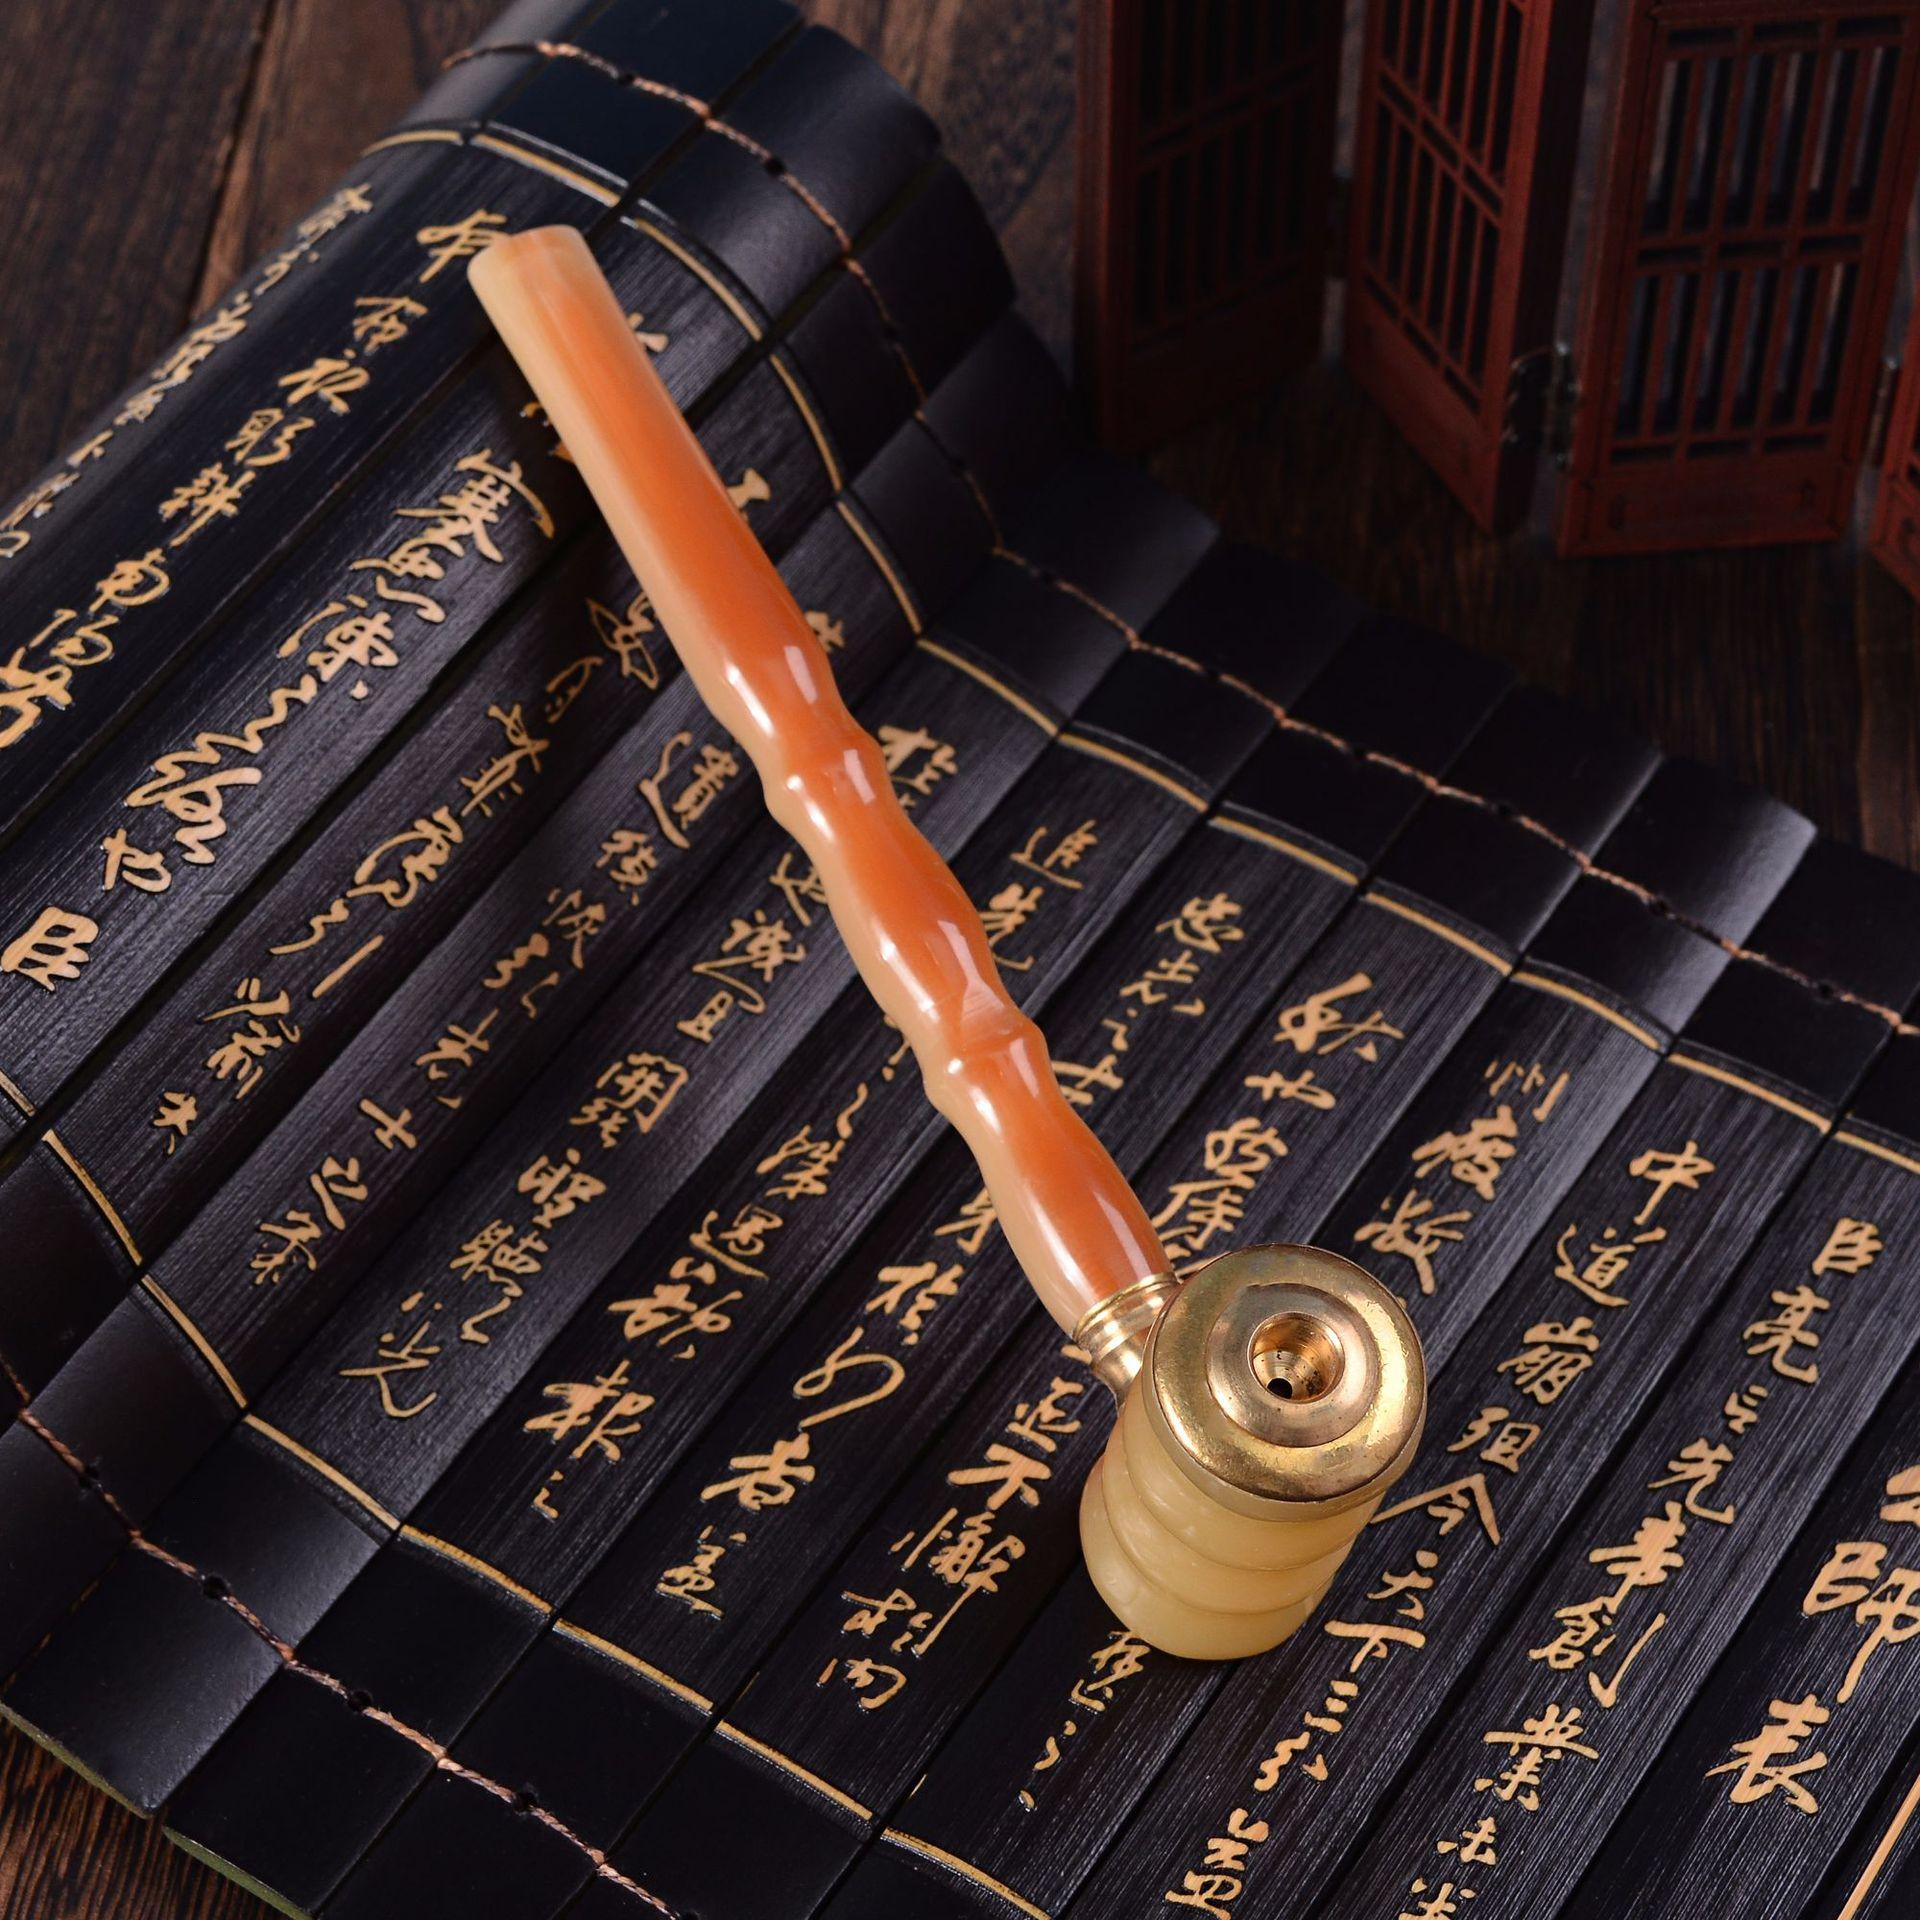 厂家现货批发仿牛角两用过滤烟斗竹节烟咀烟具商务赠品礼品